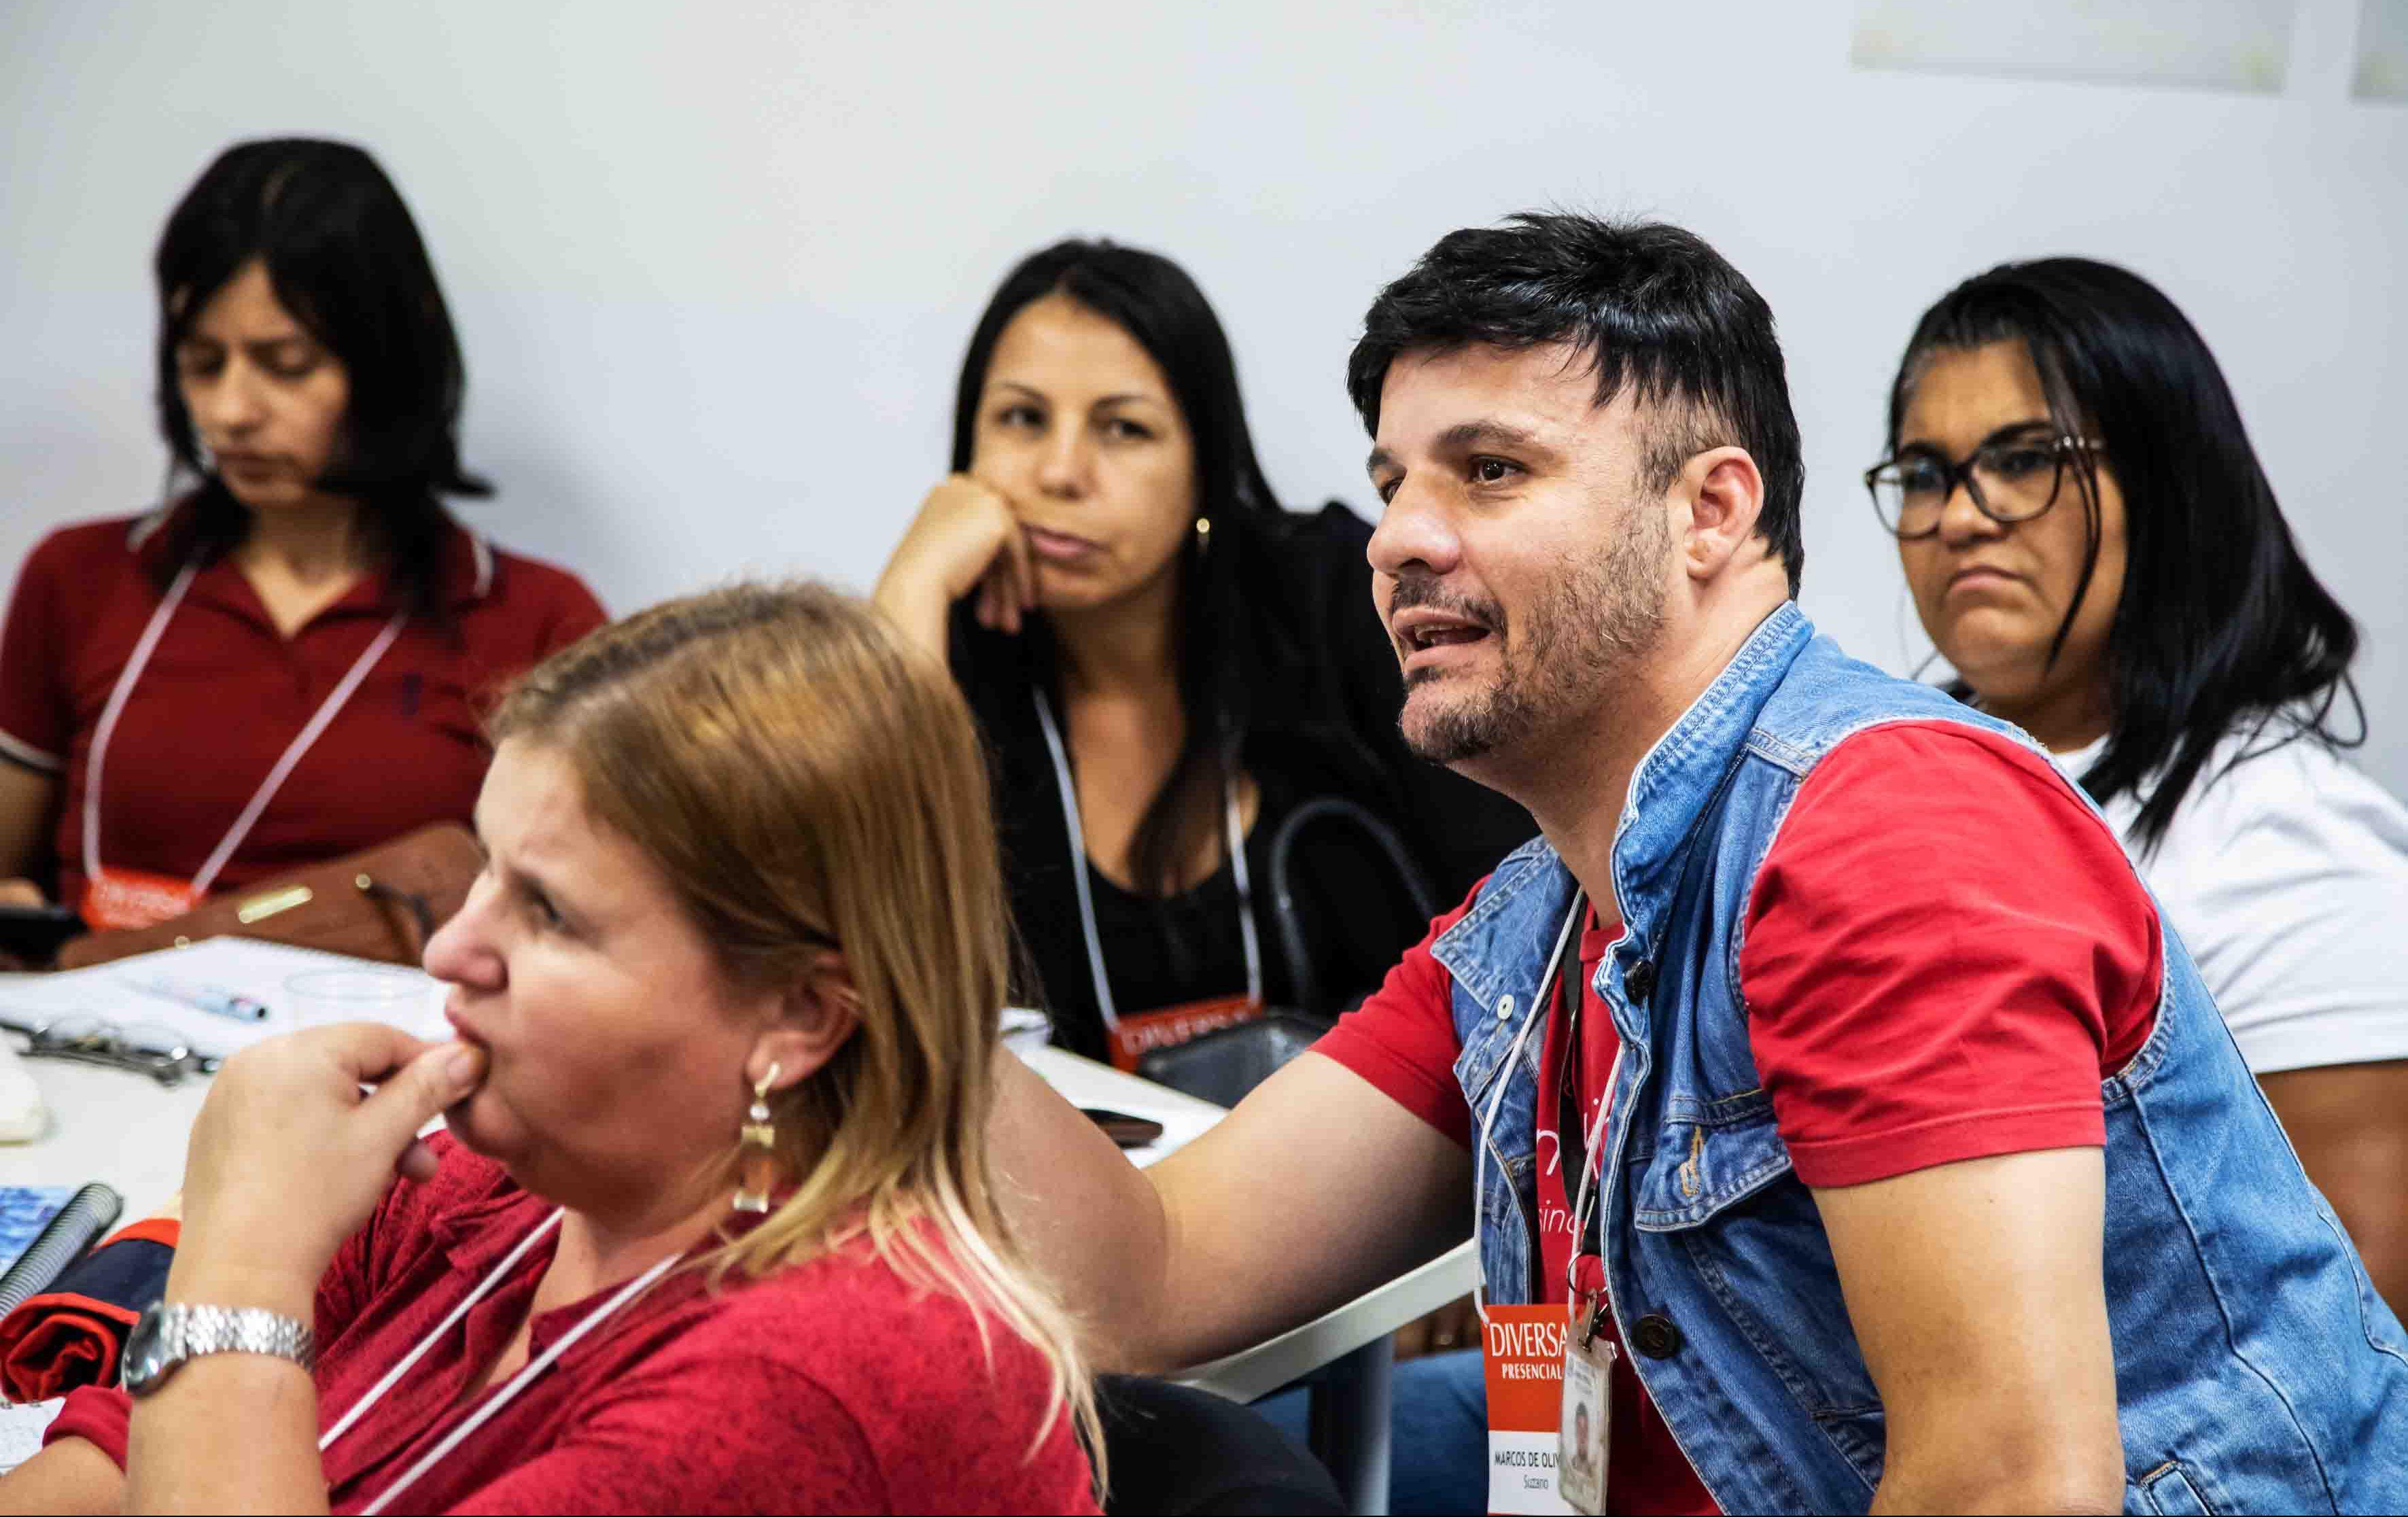 """Educadores de Suzano sentados em carteiras olham para frente concentrados. Eles vestem crachás com os dizeres """"DIVERSA presencial"""". Fim da descrição."""